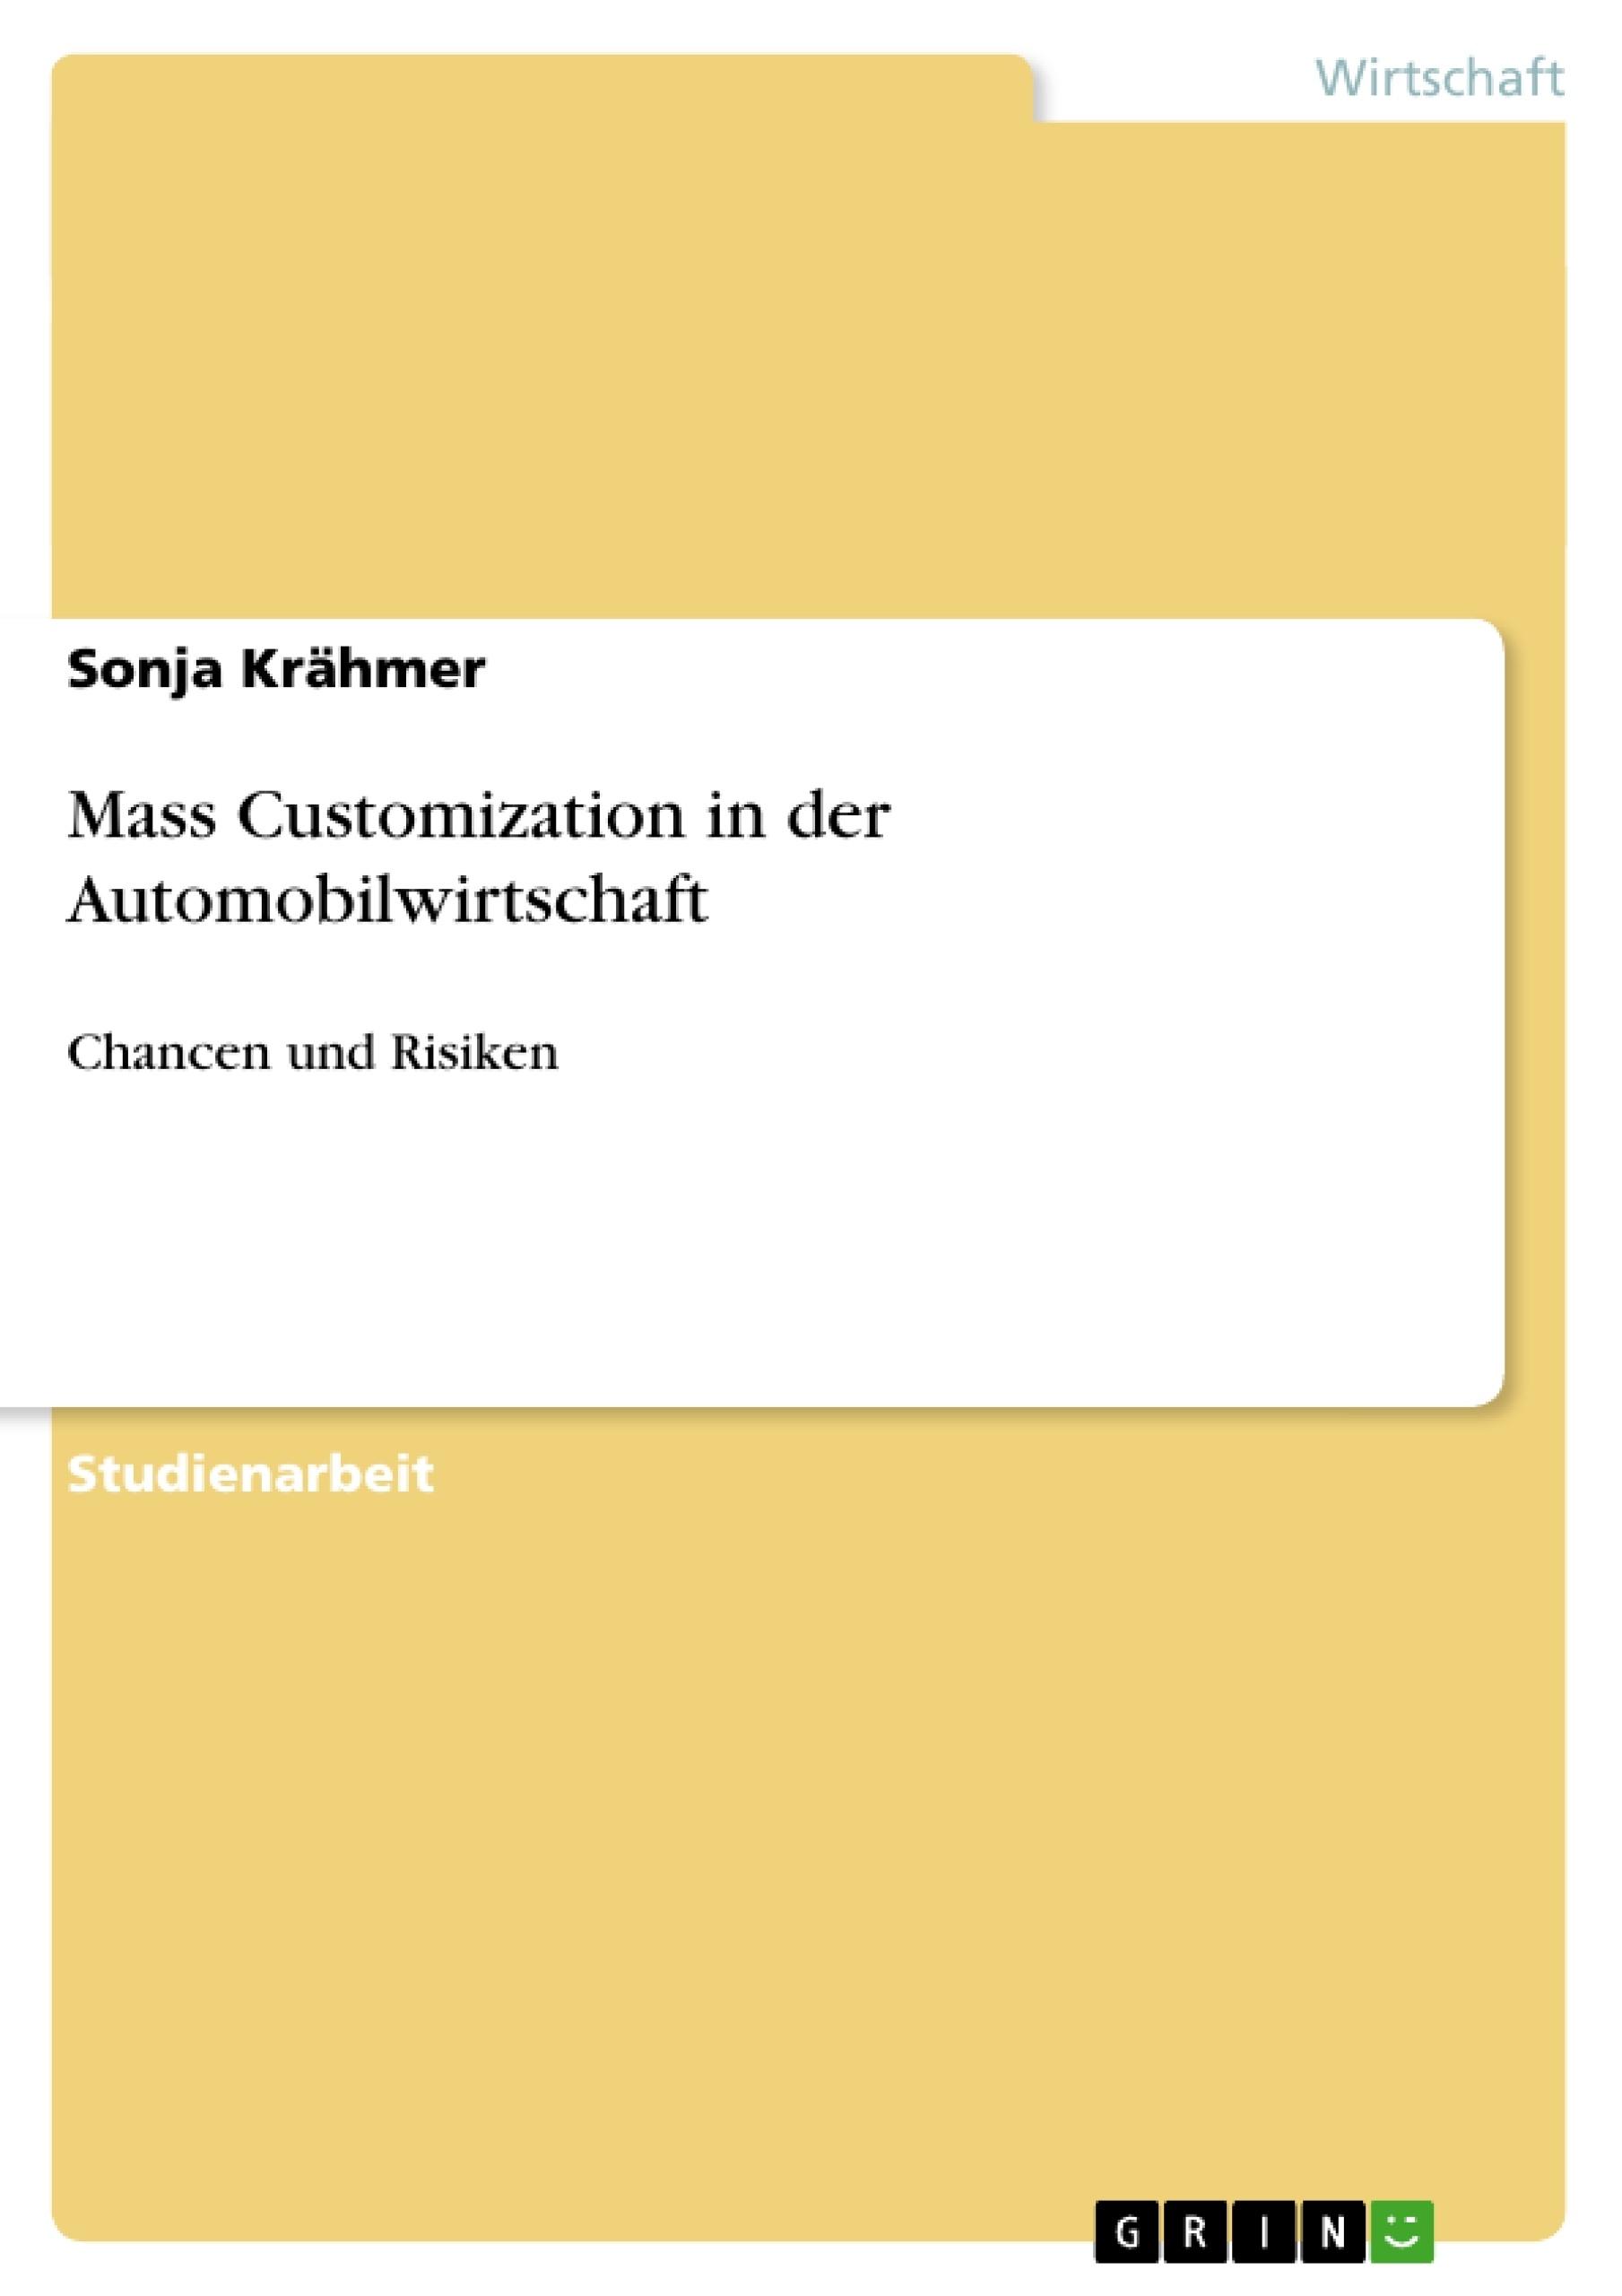 Titel: Mass Customization in der Automobilwirtschaft